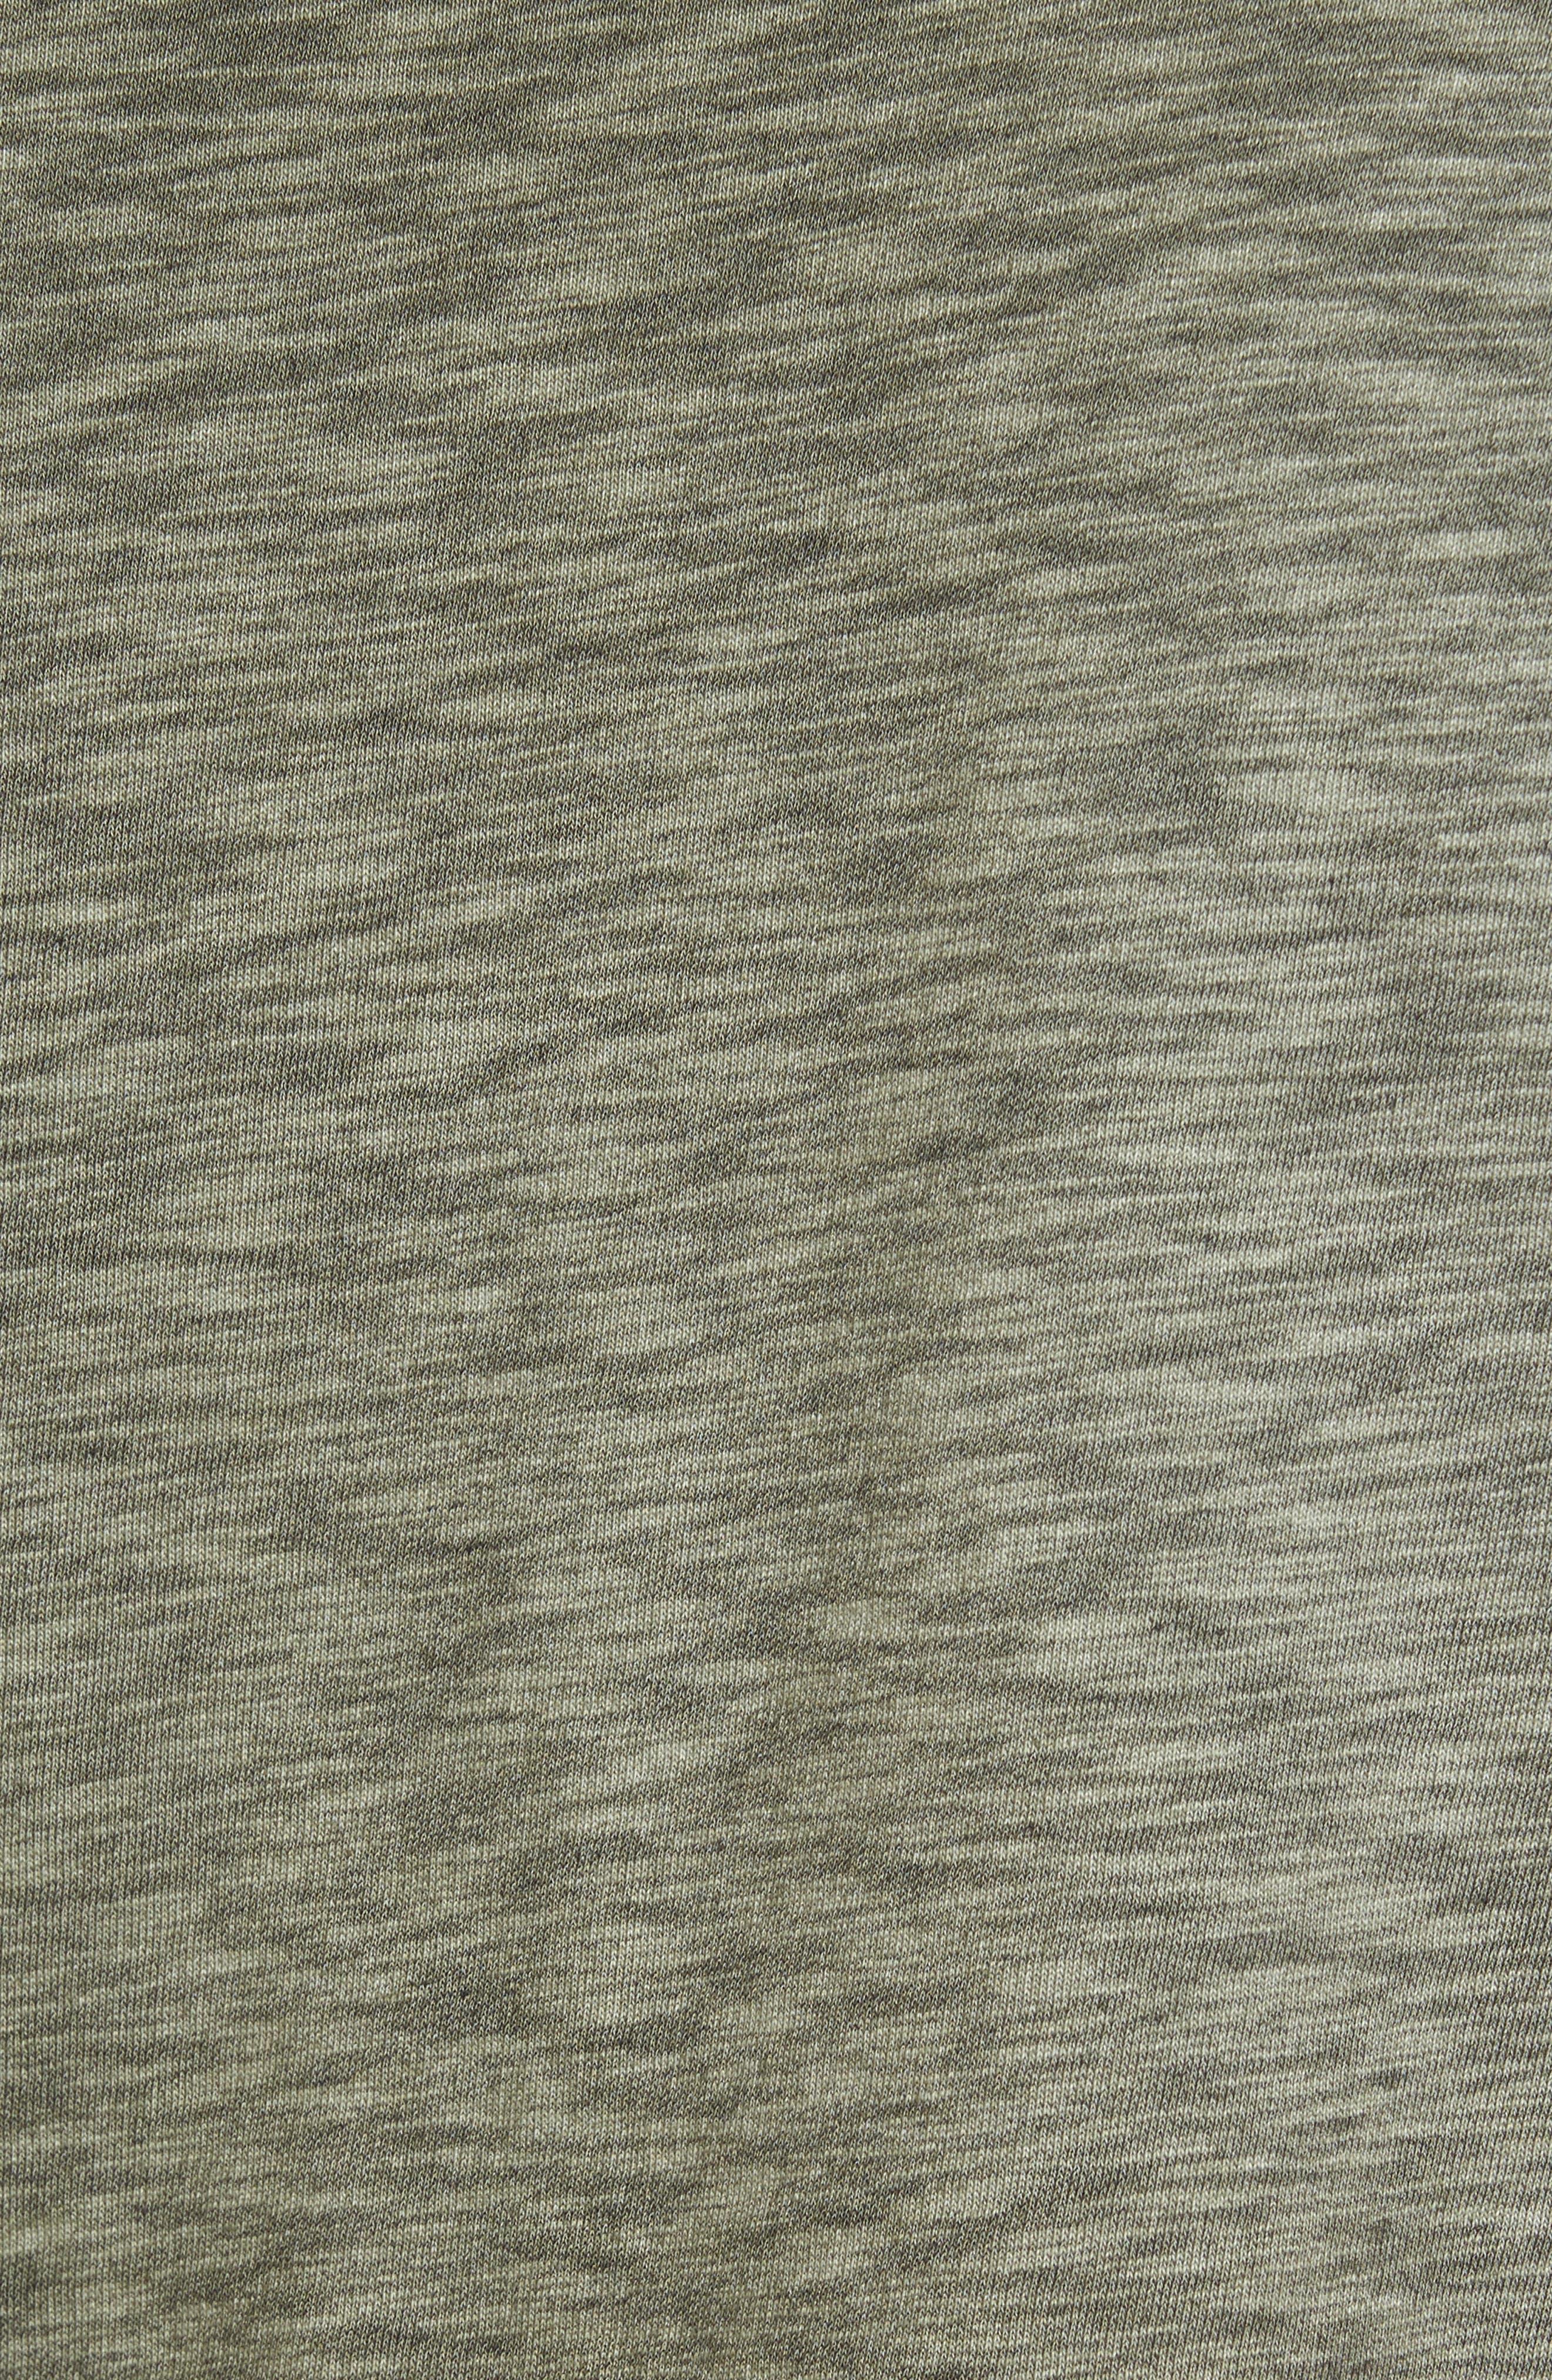 'Santiago' Ombré Crewneck Sweatshirt,                             Alternate thumbnail 5, color,                             301